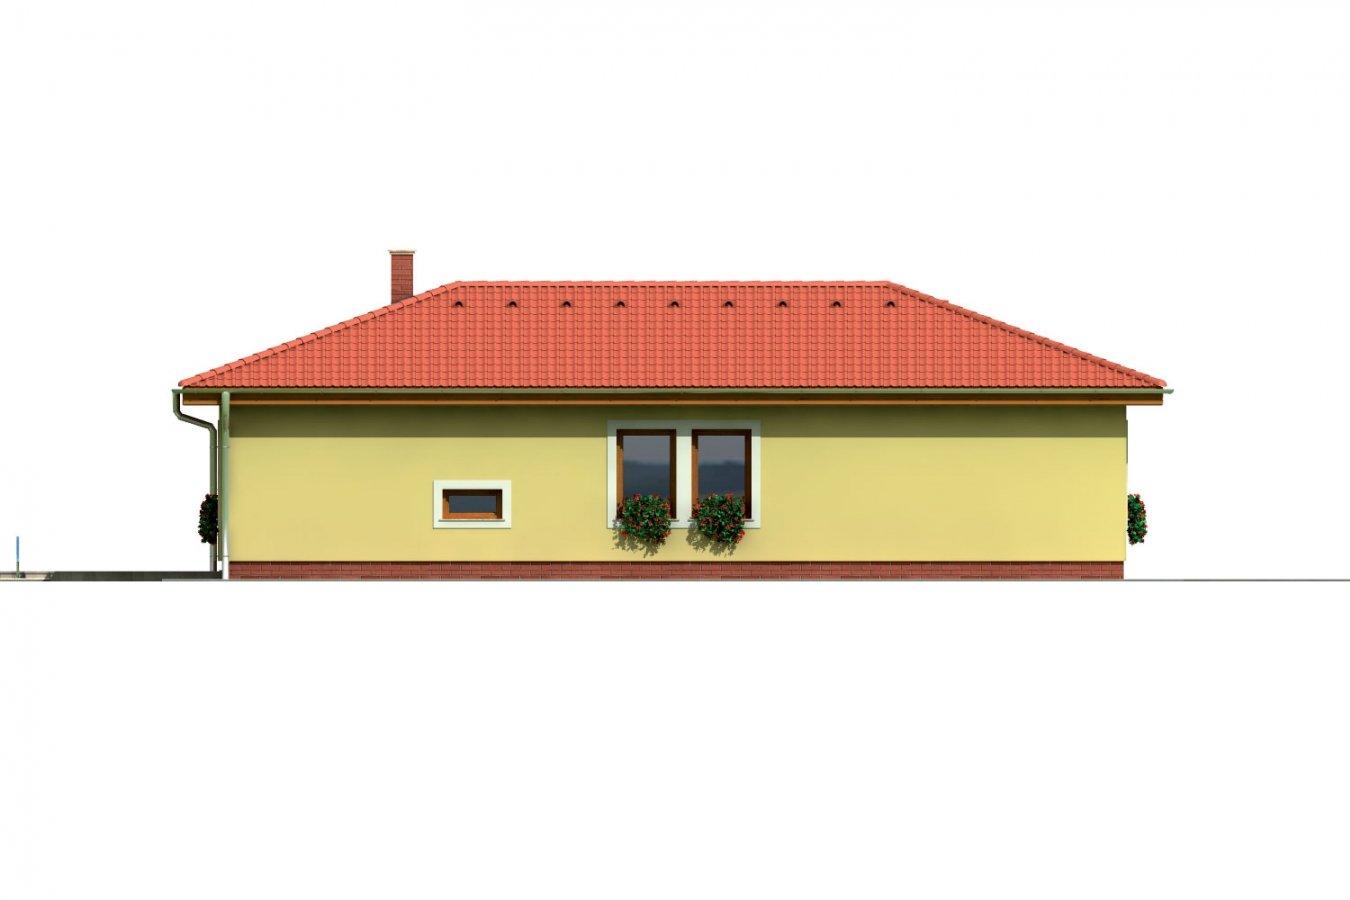 Pohľad 2. - Projekt domu v tvare L do ulice. Veľký 6-izbový rodinný dom s garážou.